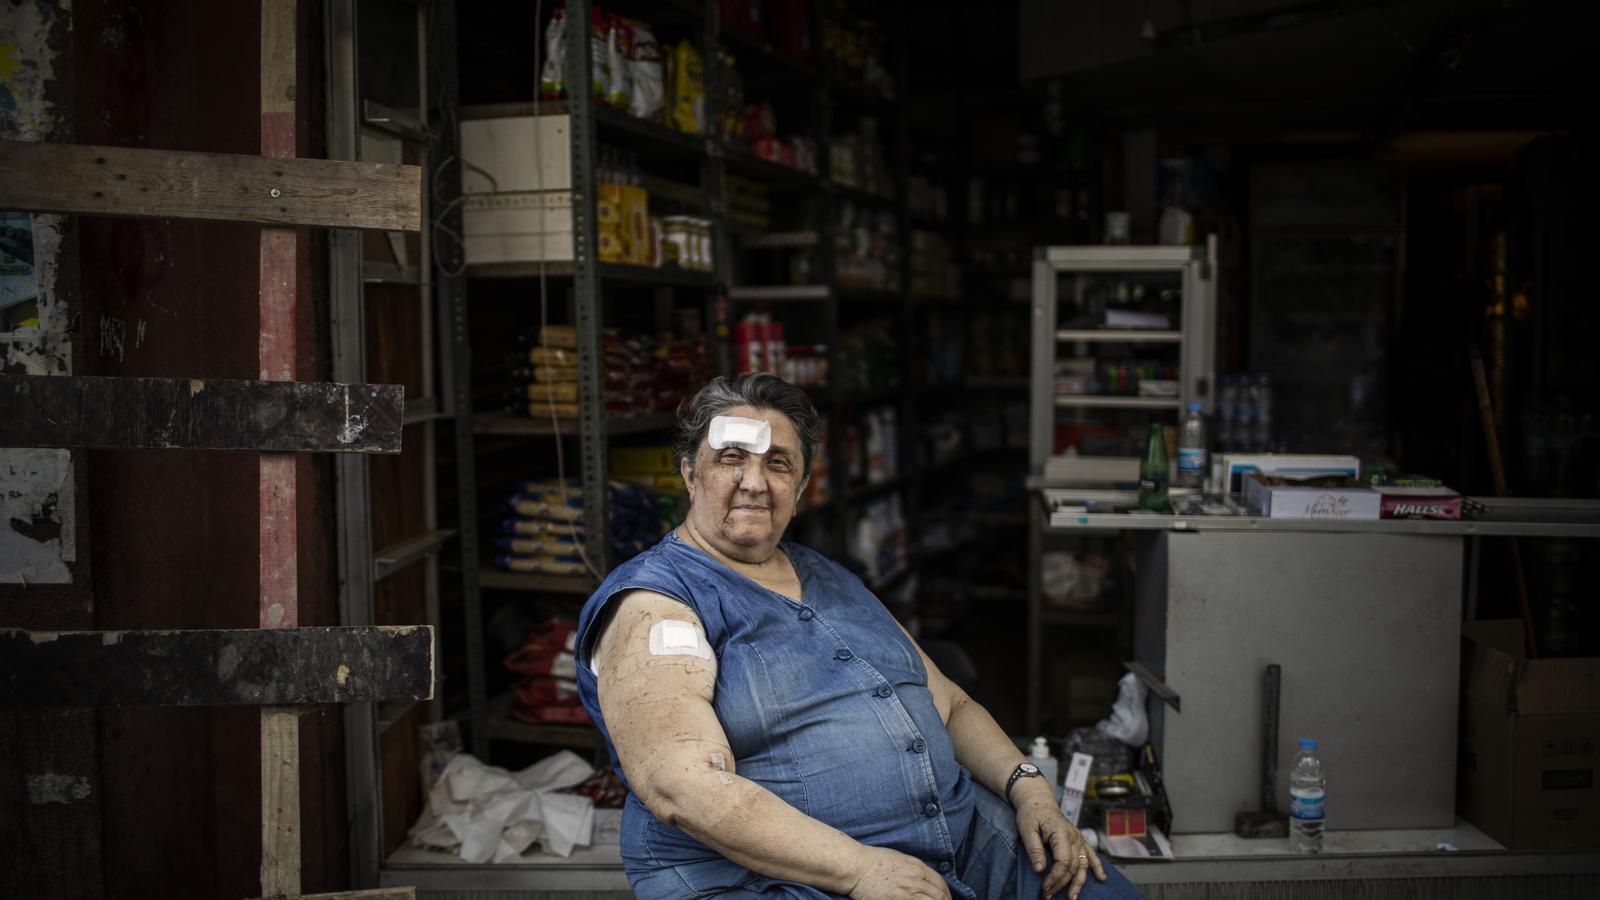 Amb blaus a la cara i benes al cap, Sijan Deikian continua treballant a la seva botiga, que va quedar seriosament malmesa per l'explosió